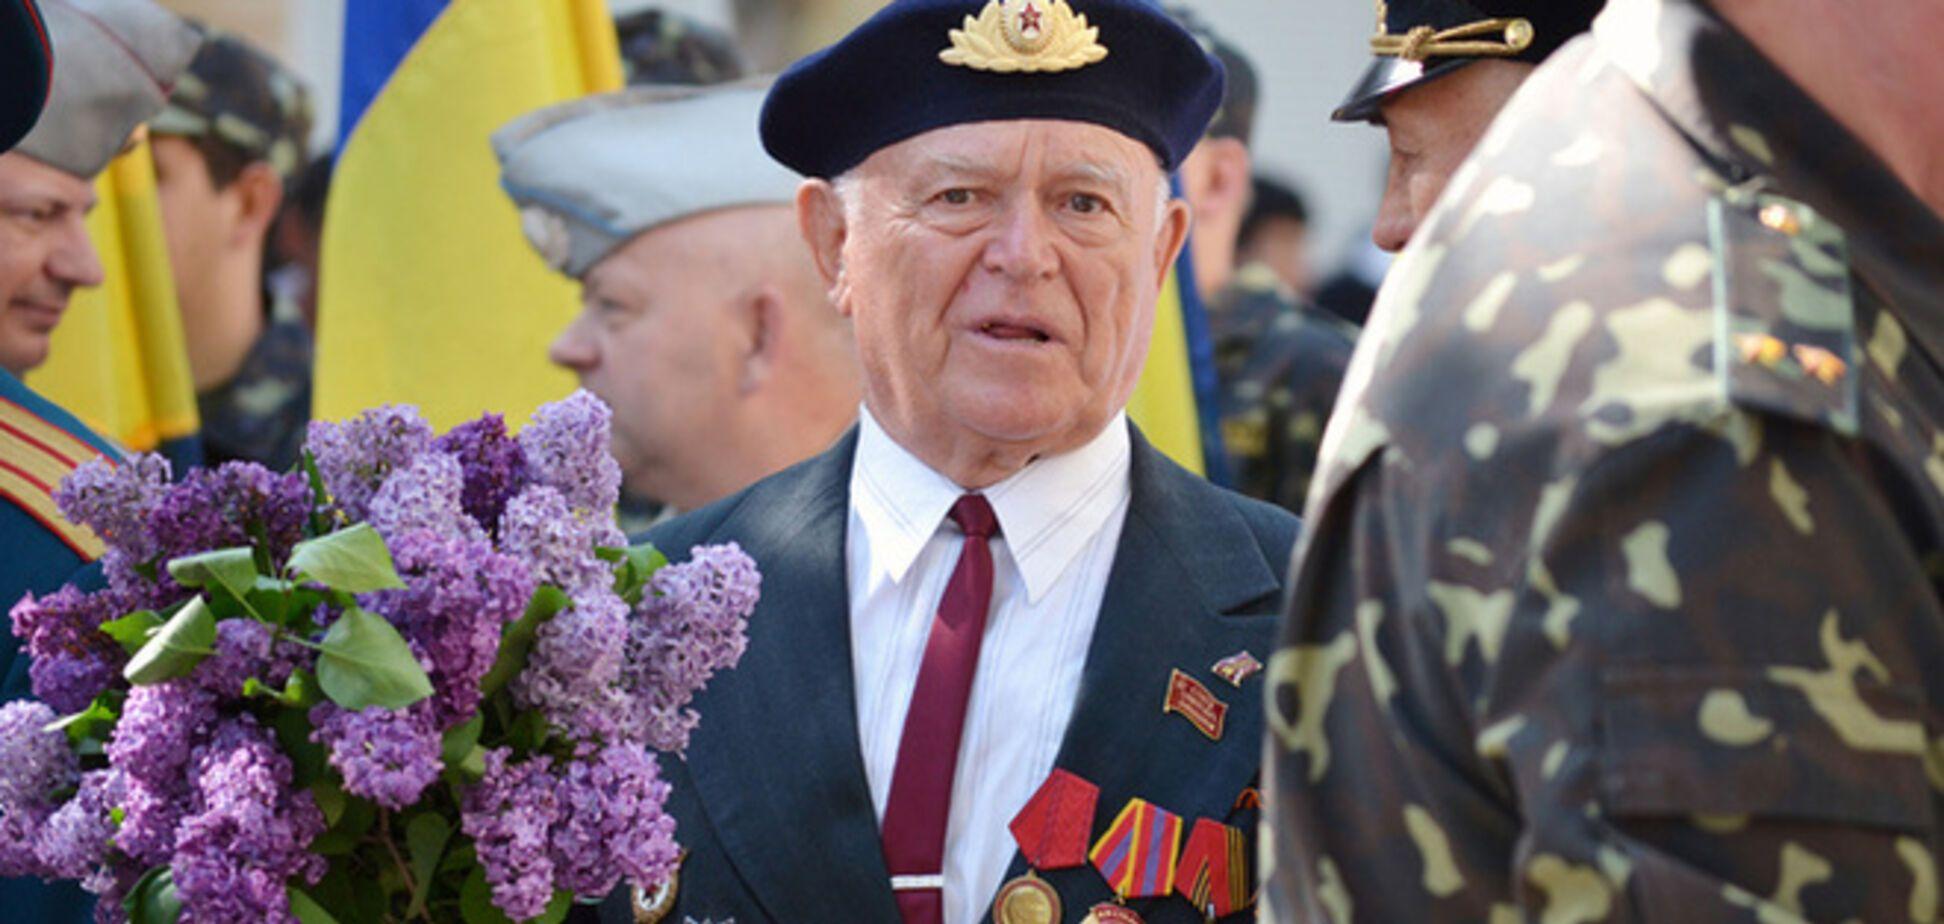 В Николаеве День Победы начался с задержаний: 'митингующие' принесли с собой ломик и кухонный топорик